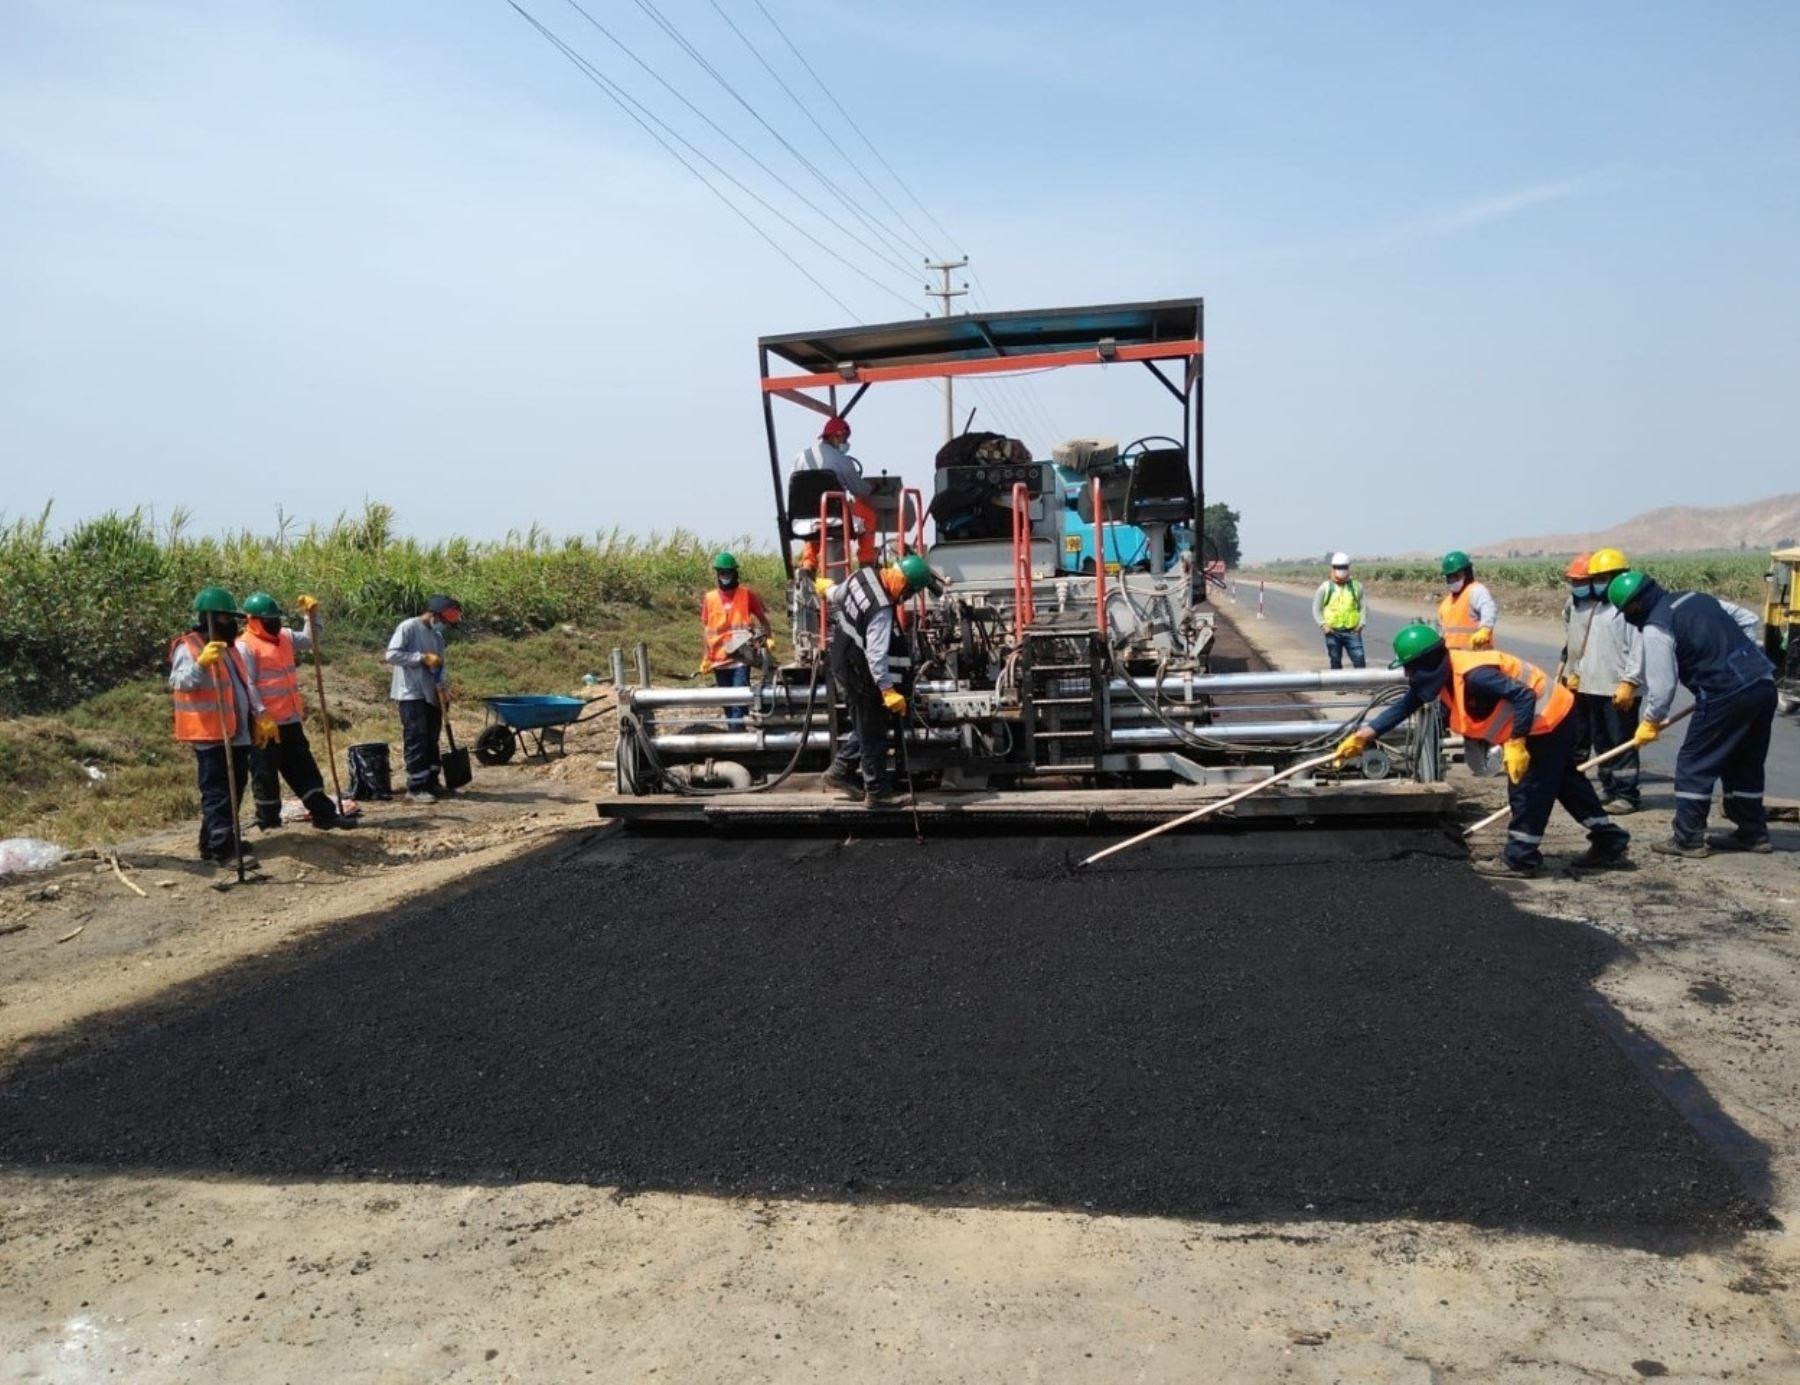 Ejecutivo otorga S/ 2.1 millones para obras en Plan de Reconstrucción